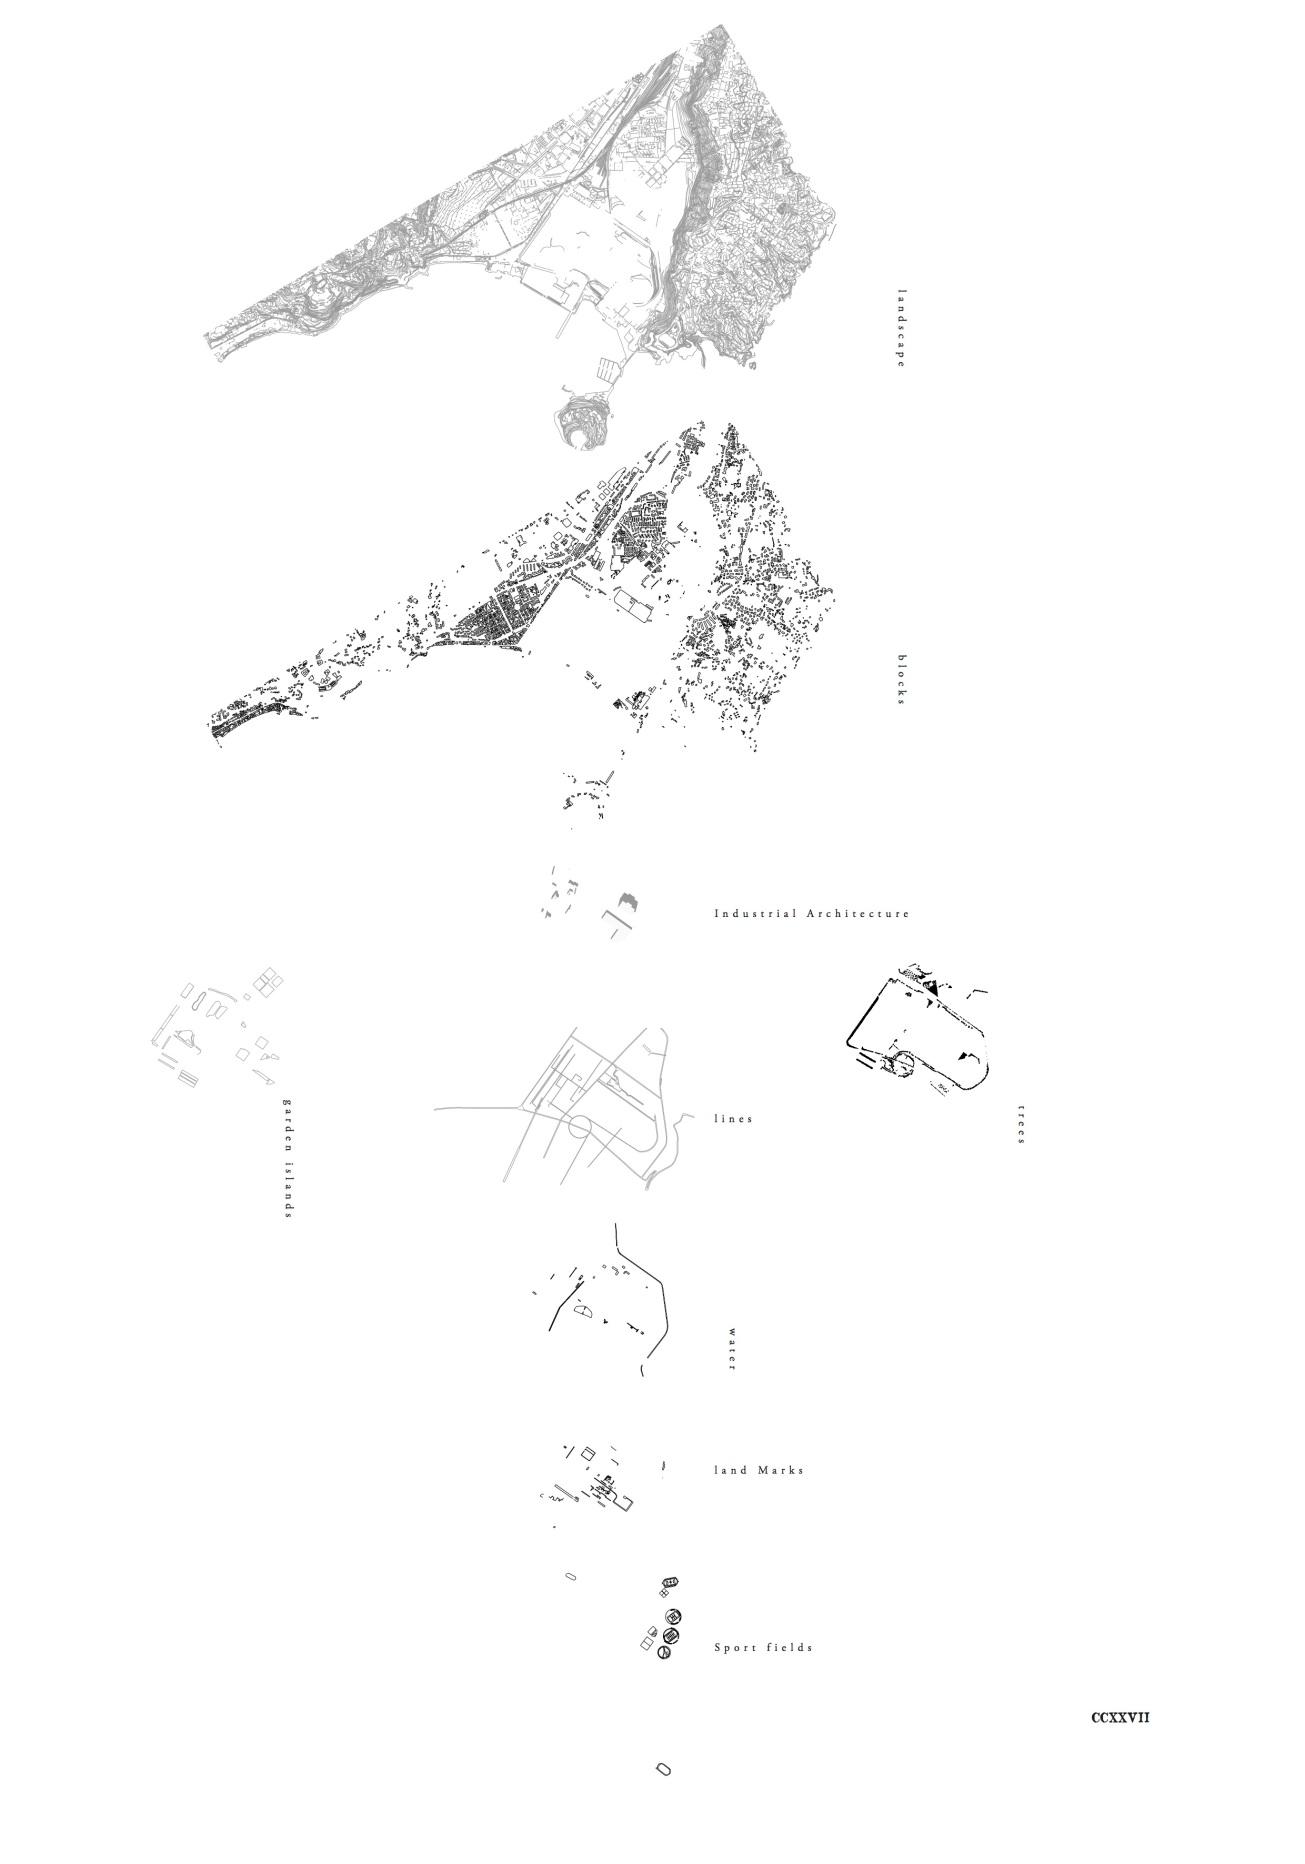 4_projectual-layers-masterplan-fabrizia-mattiello-2016-master-thesis-politecnico-di-milano